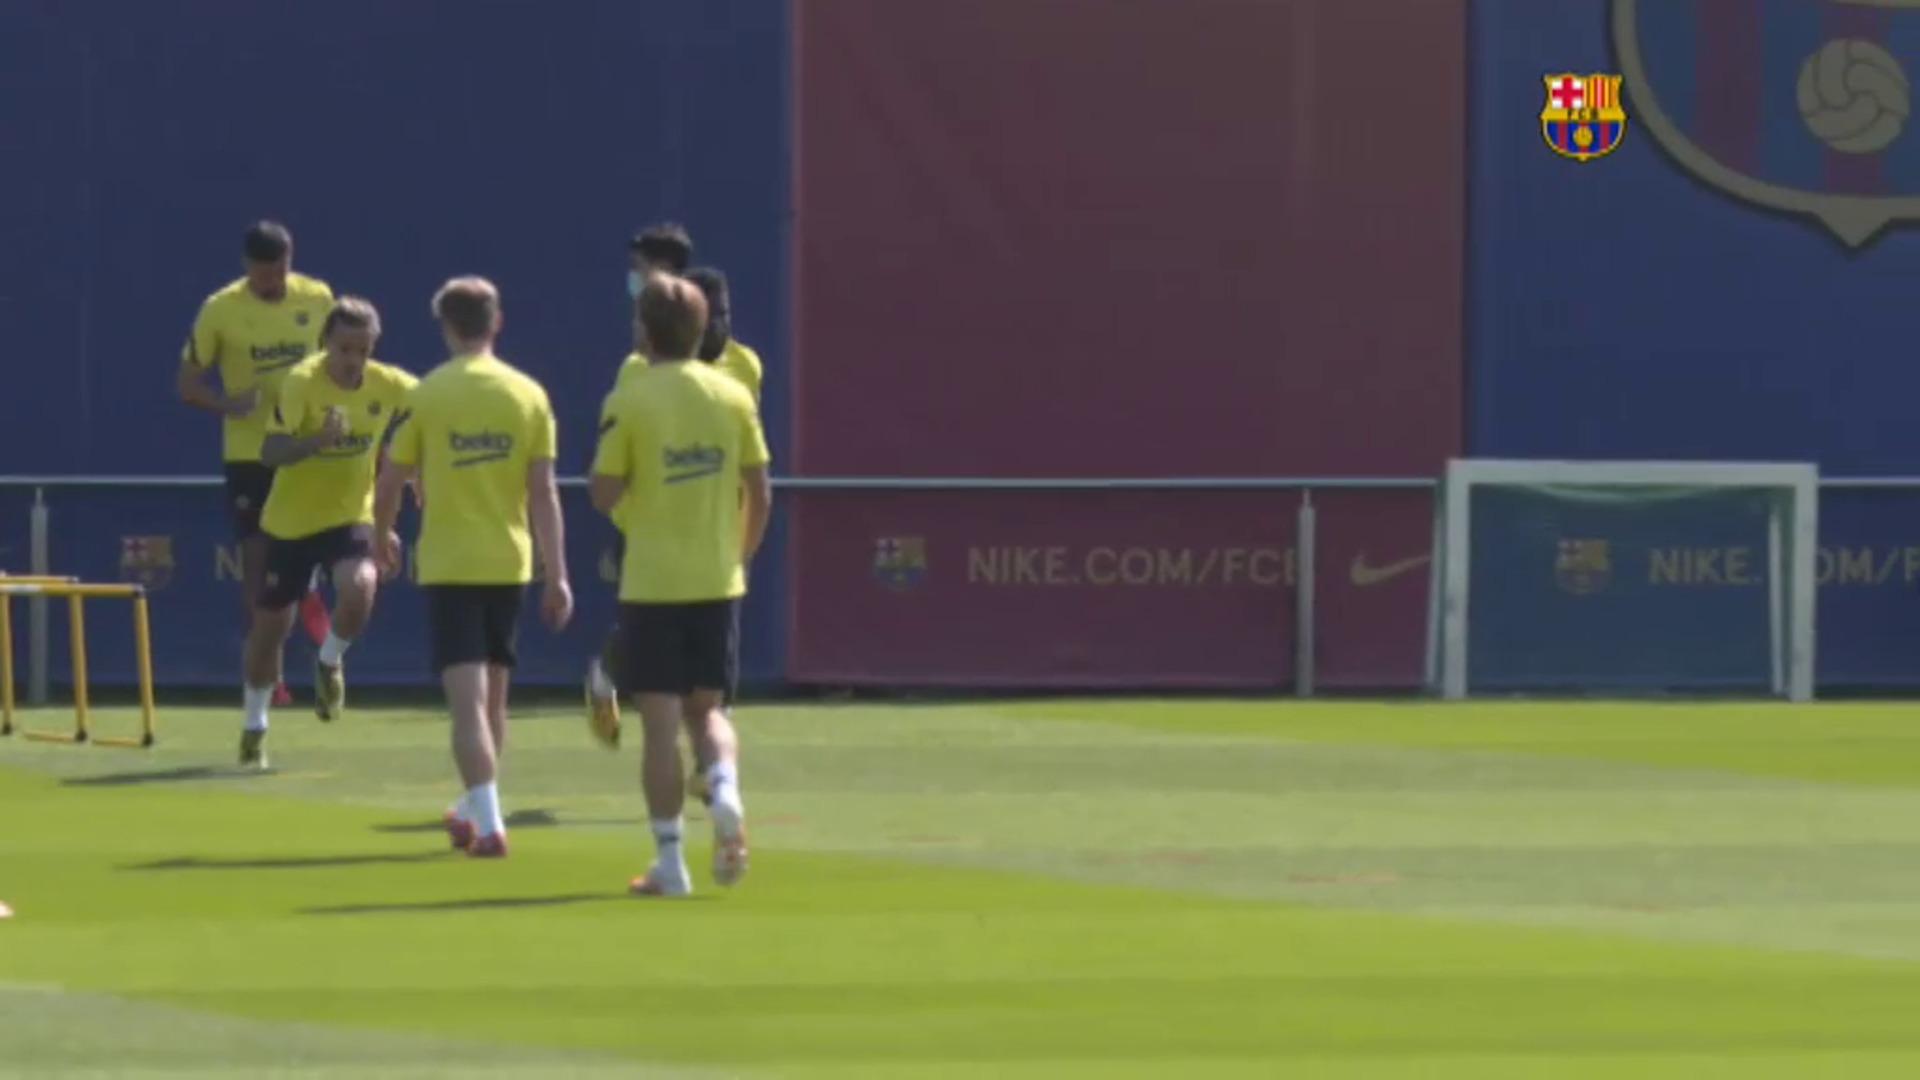 Cinco jugadores y dos técnicos del Barça pasaron el coronavirus sin síntomas